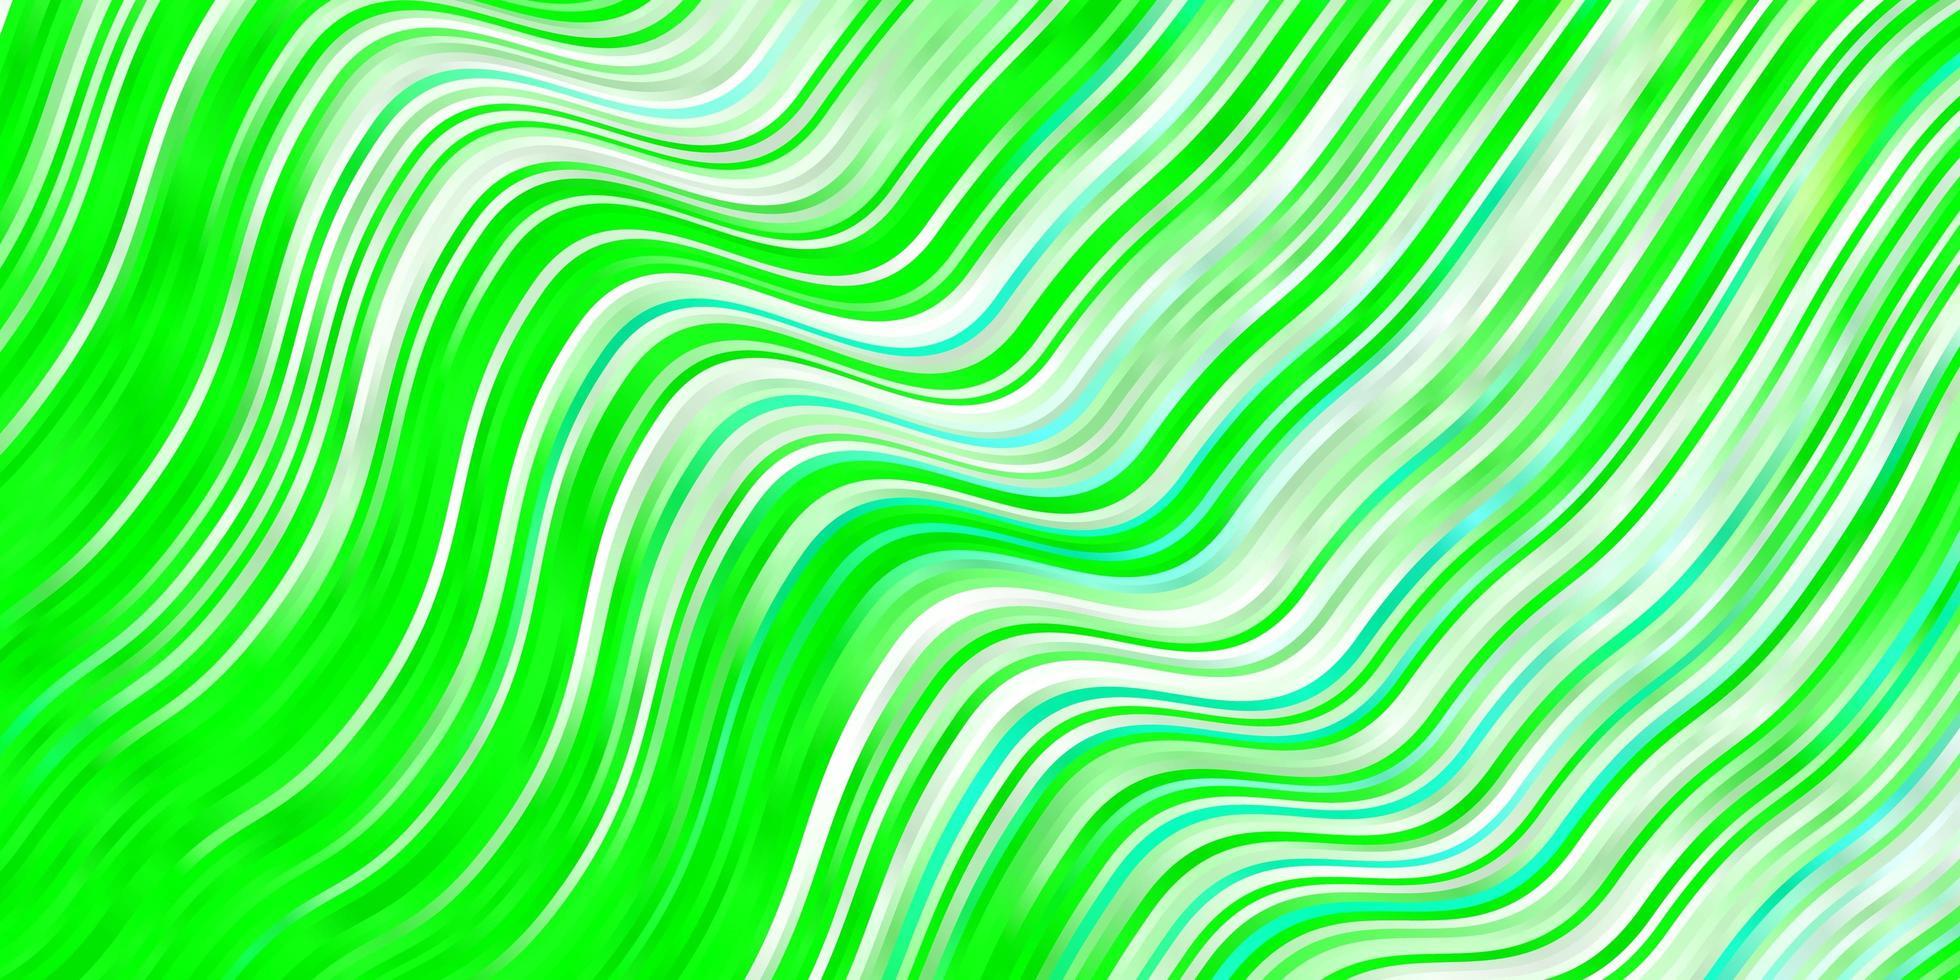 fundo verde claro com linhas. vetor